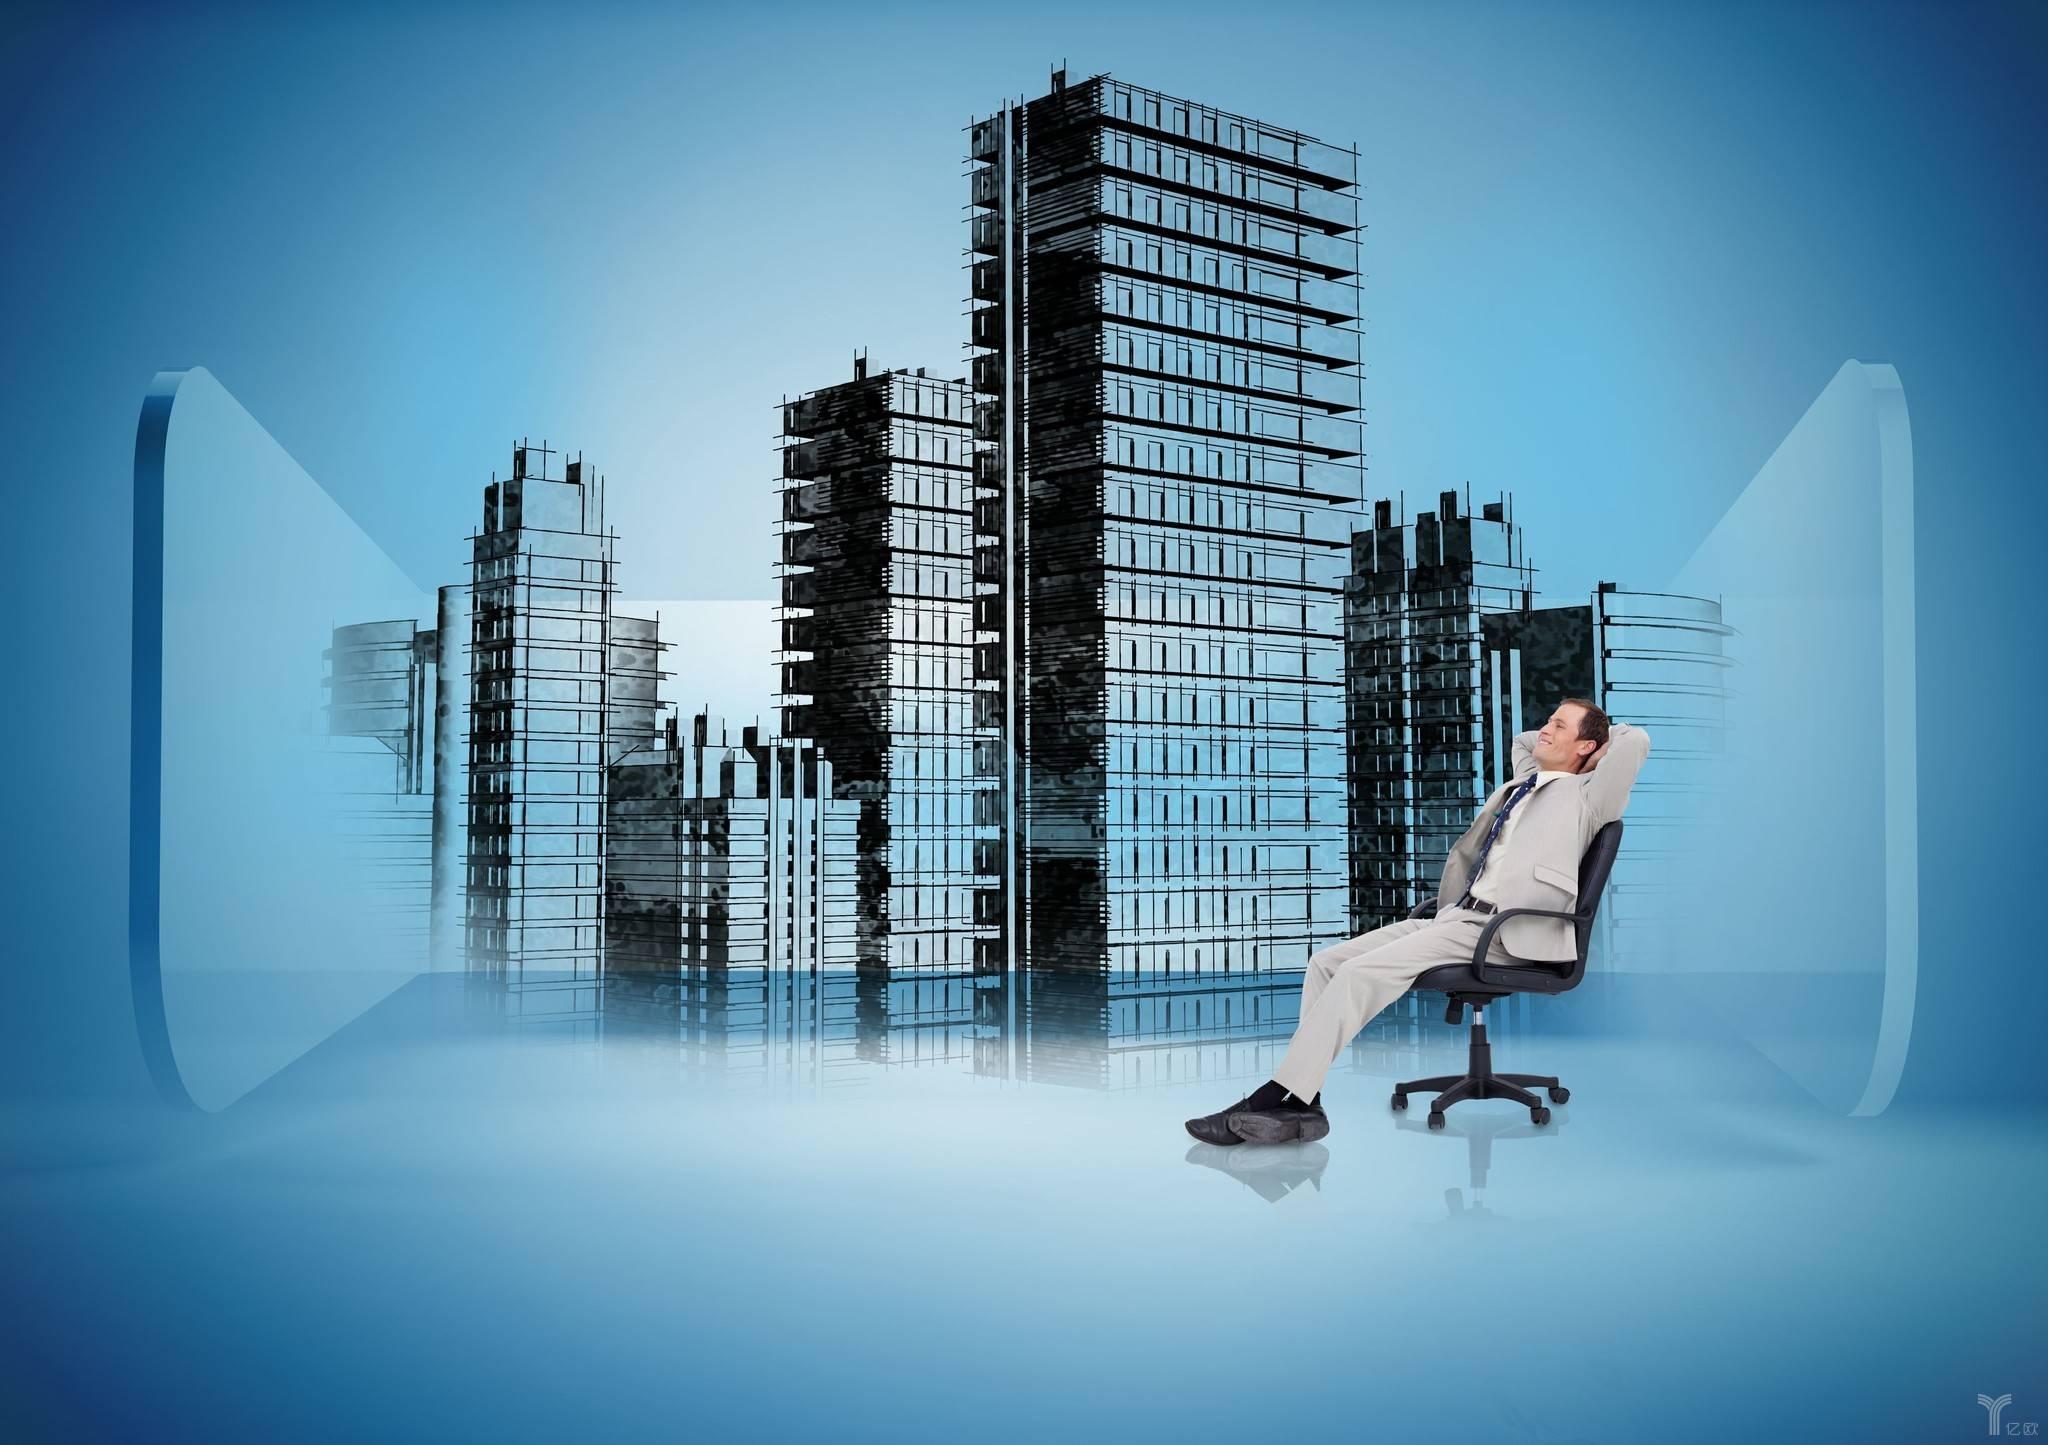 一周智慧城市丨不完整面部识别有了突破性进展;华为将在剑桥建芯片厂